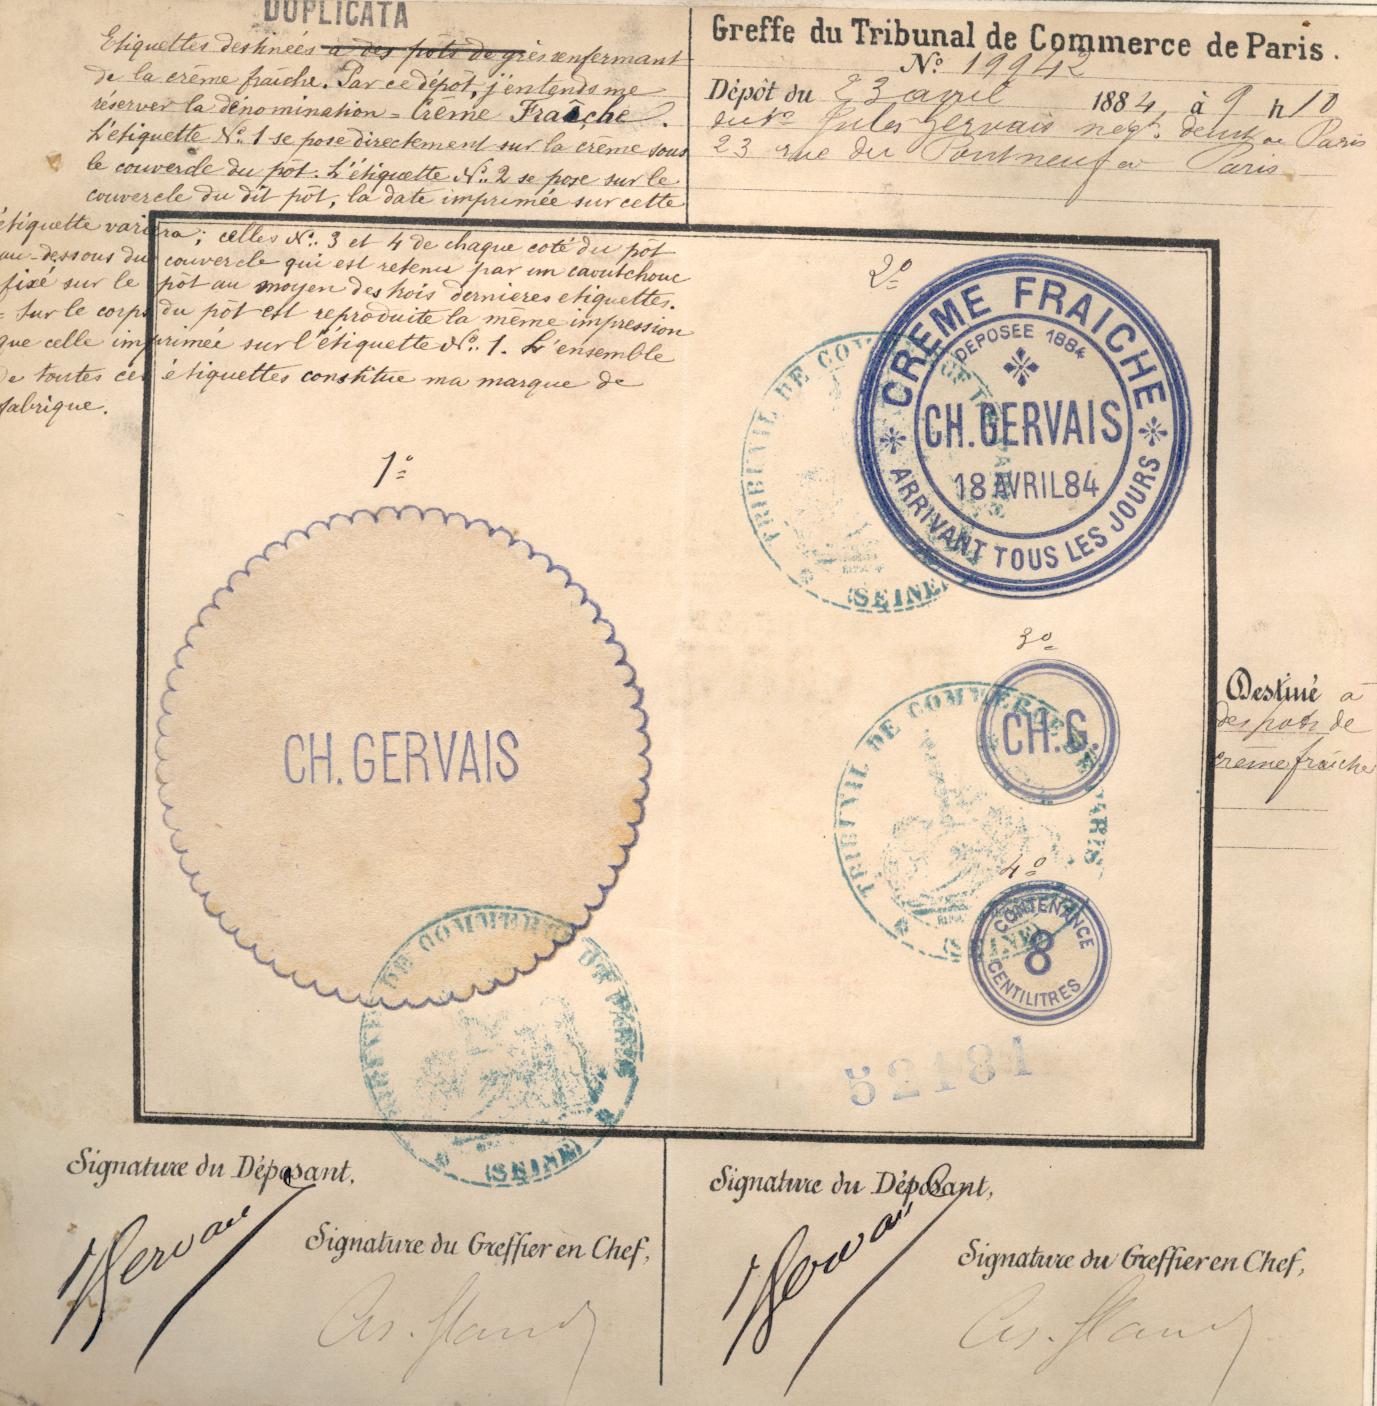 Marque de commerce et de fabrique déposée le 23 avril 1884 au greffe du tribunal de commerce de Paris par Jules Gervais, destinée à des pots de crème fraîches